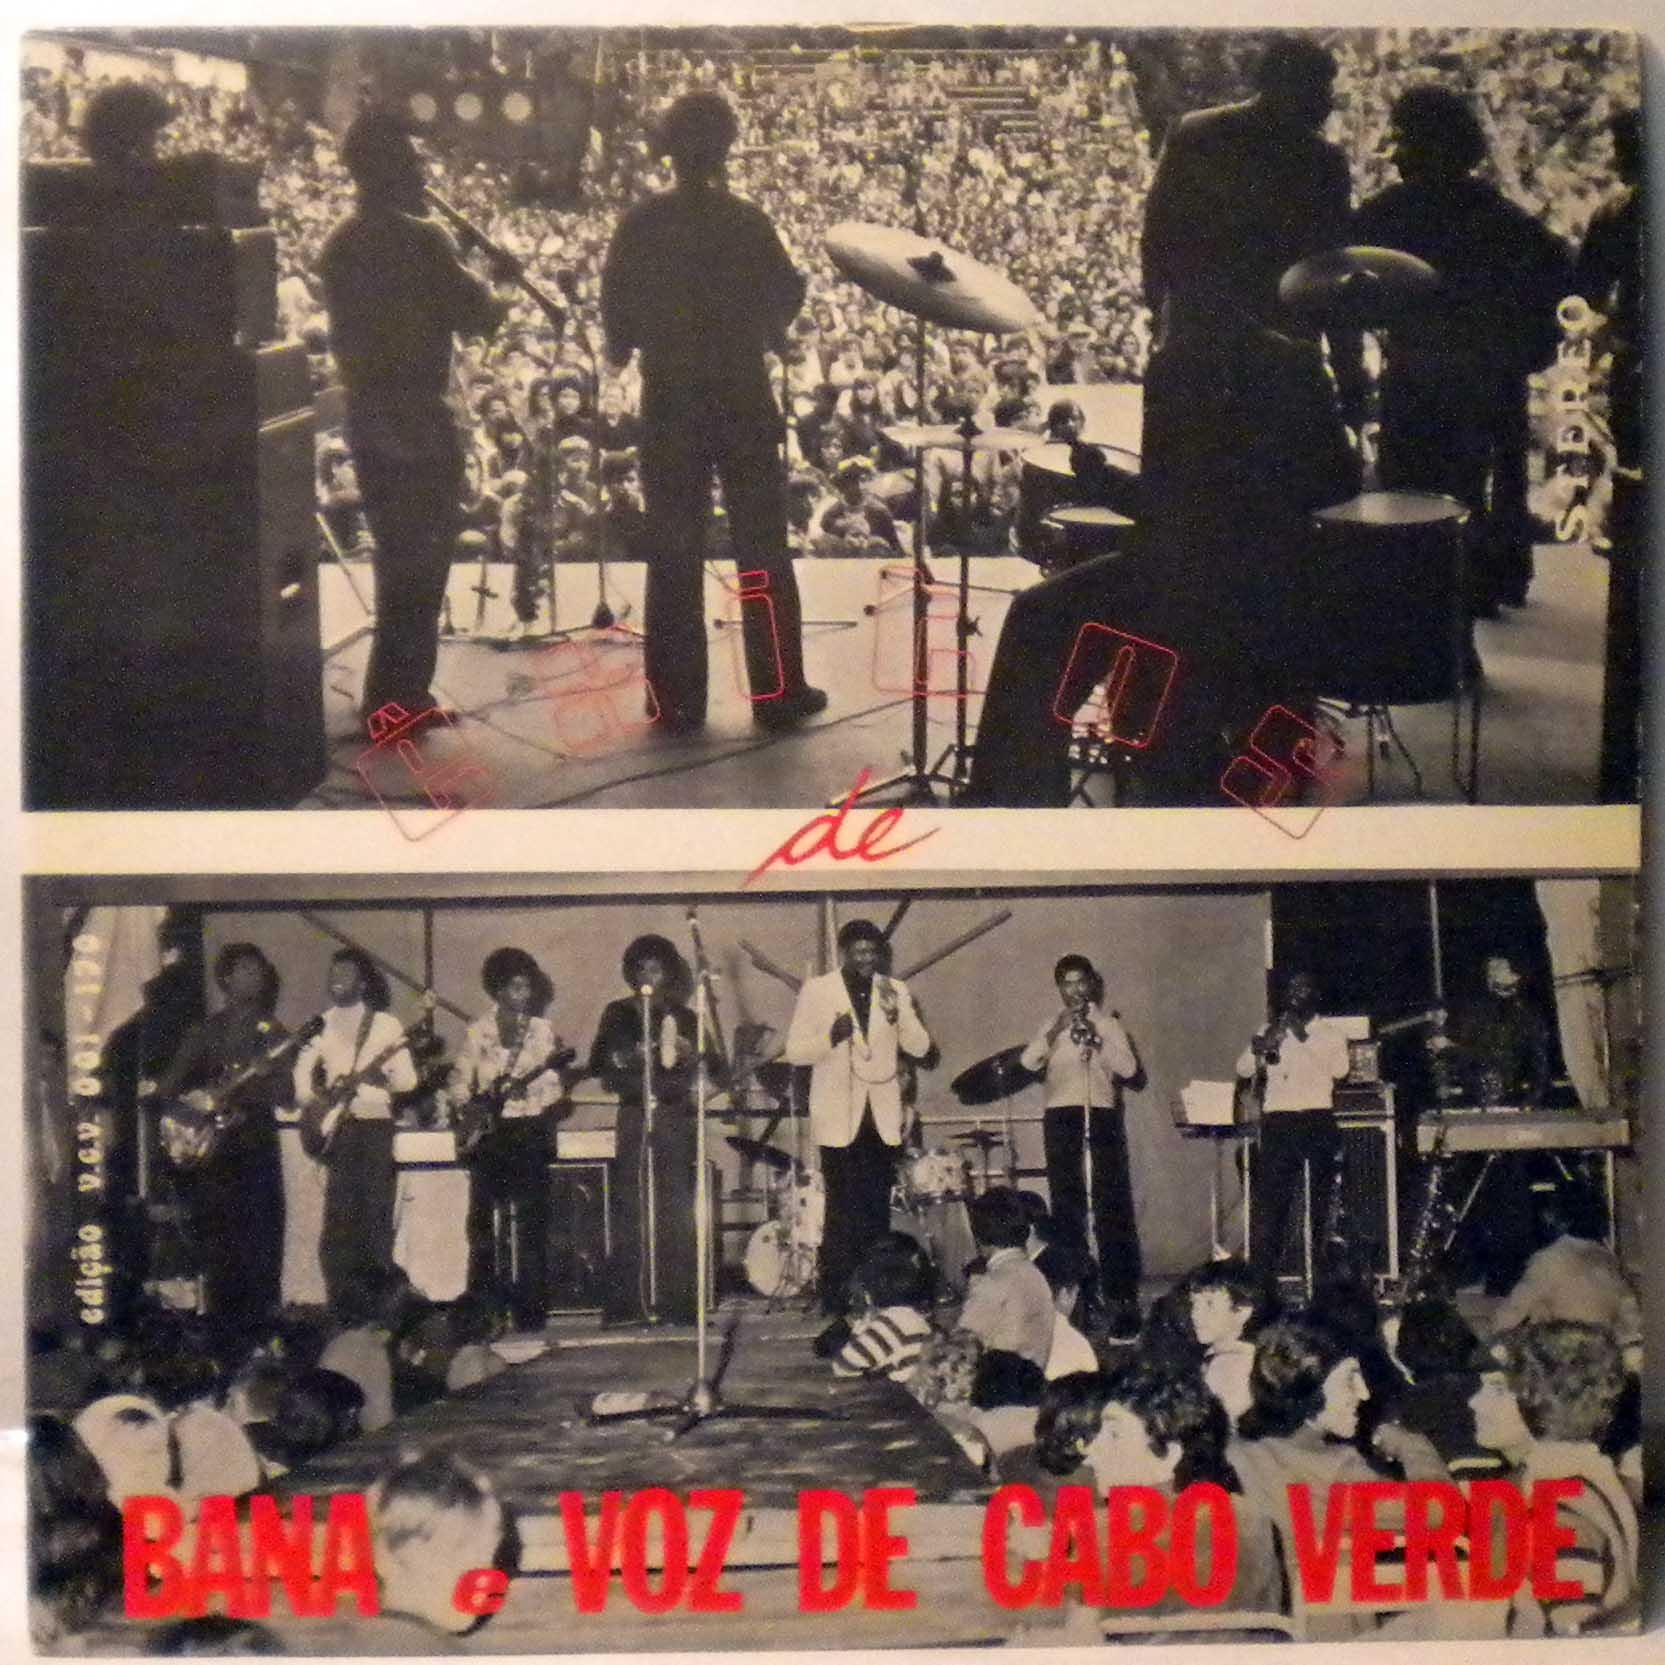 BANA E VOZ DE CABO VERDE - Exitos de - LP